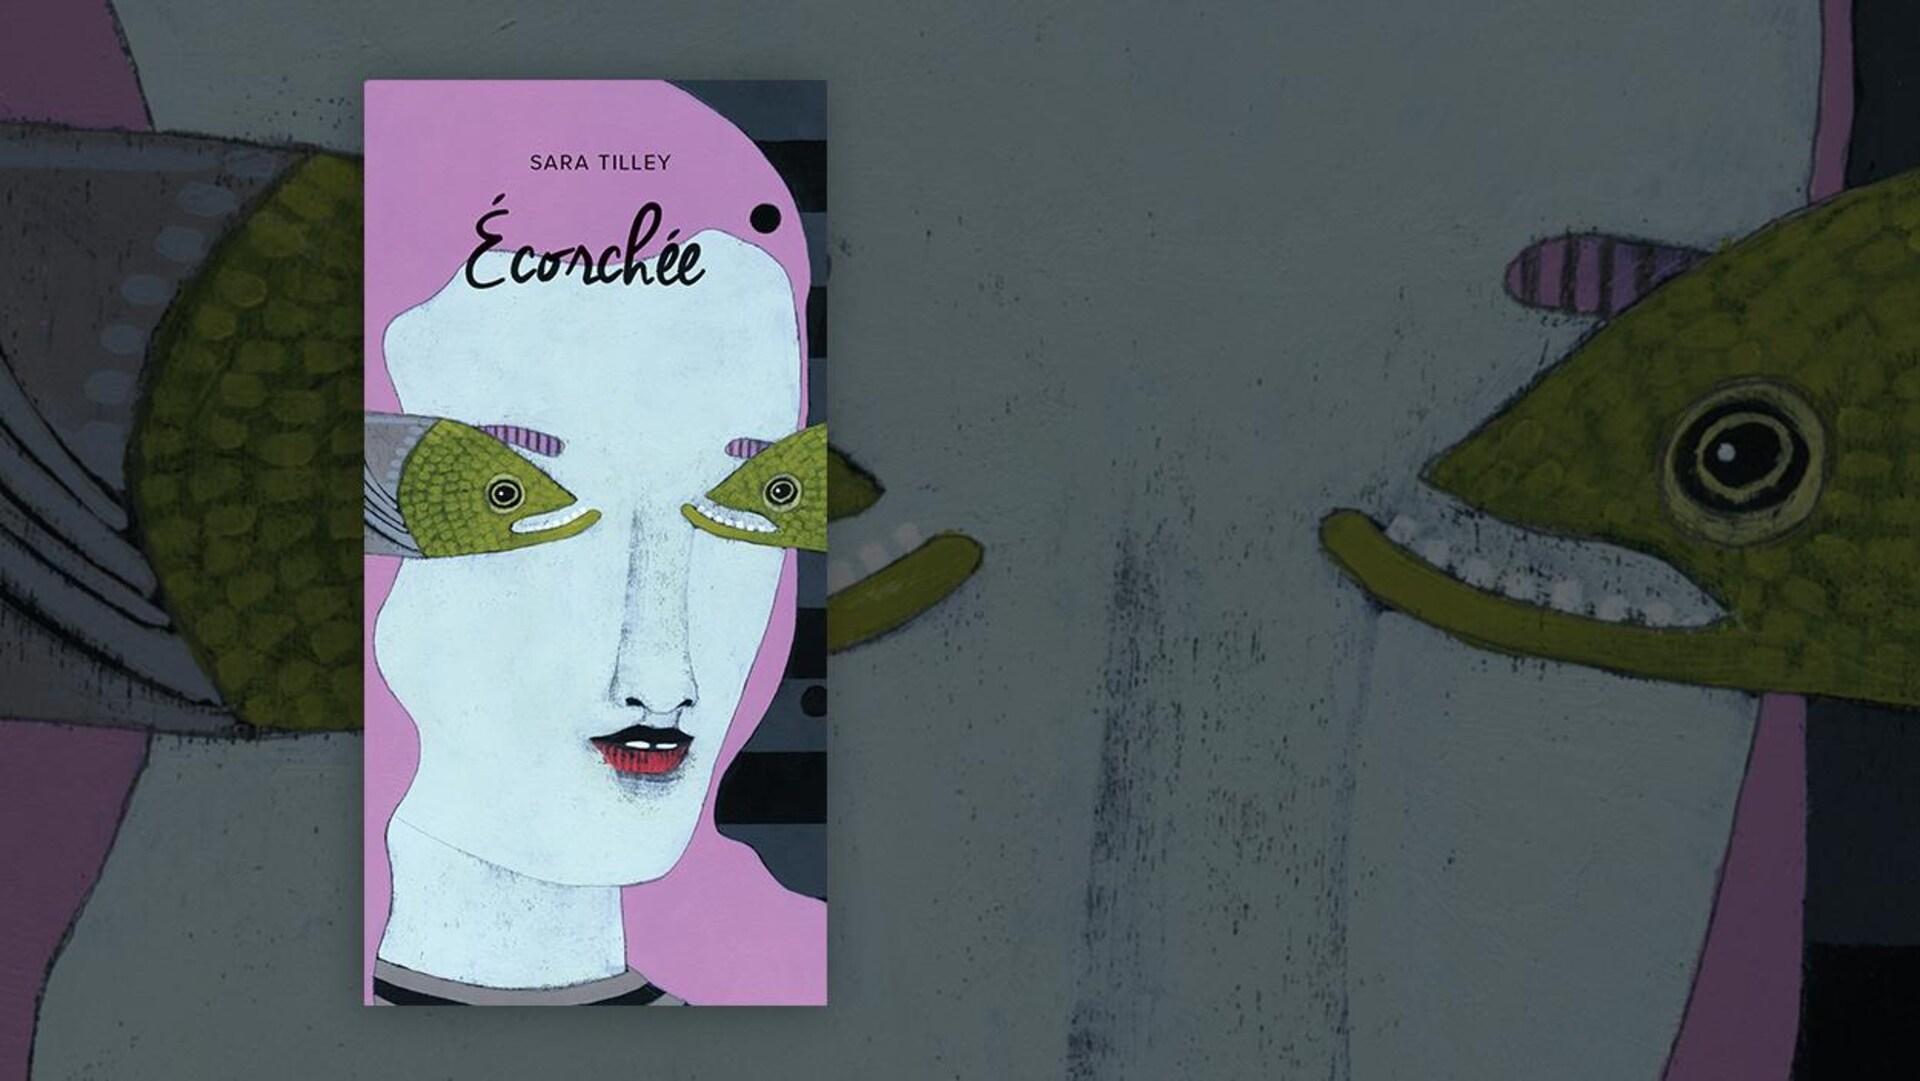 La couverture du livre «Écorchée» de Sara Tilley